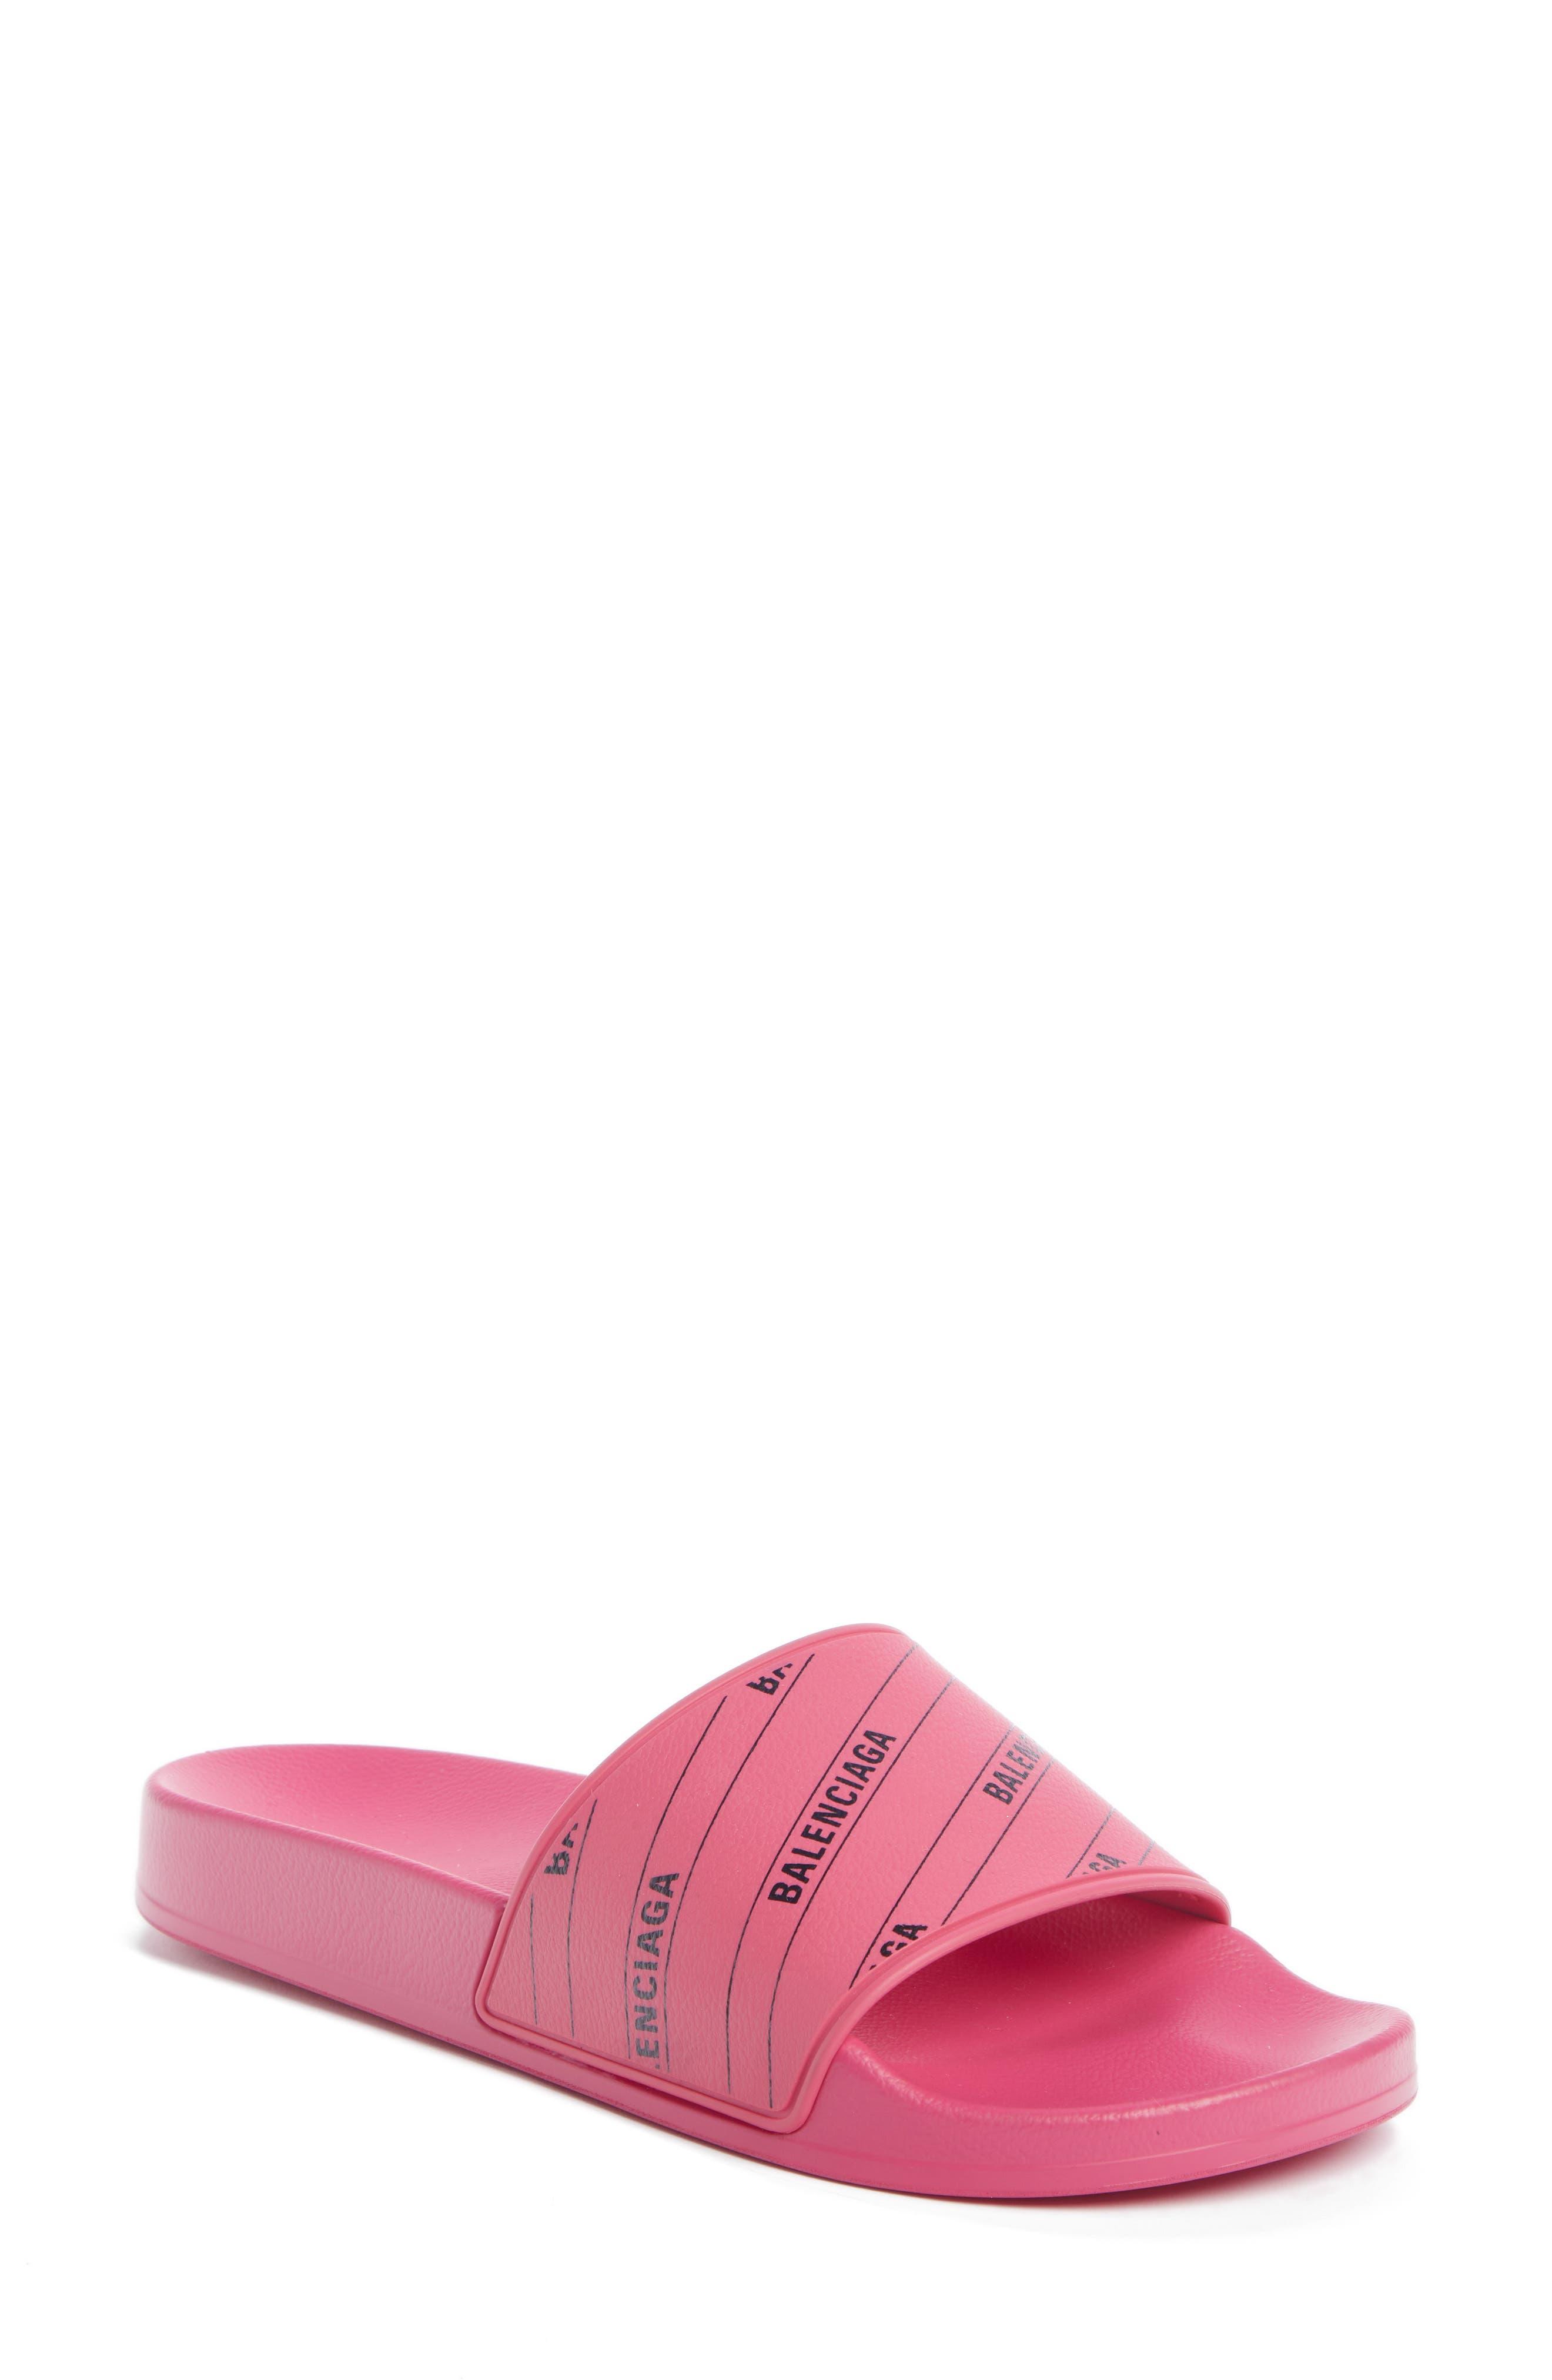 Balenciaga Logo Pool Slide Sandal